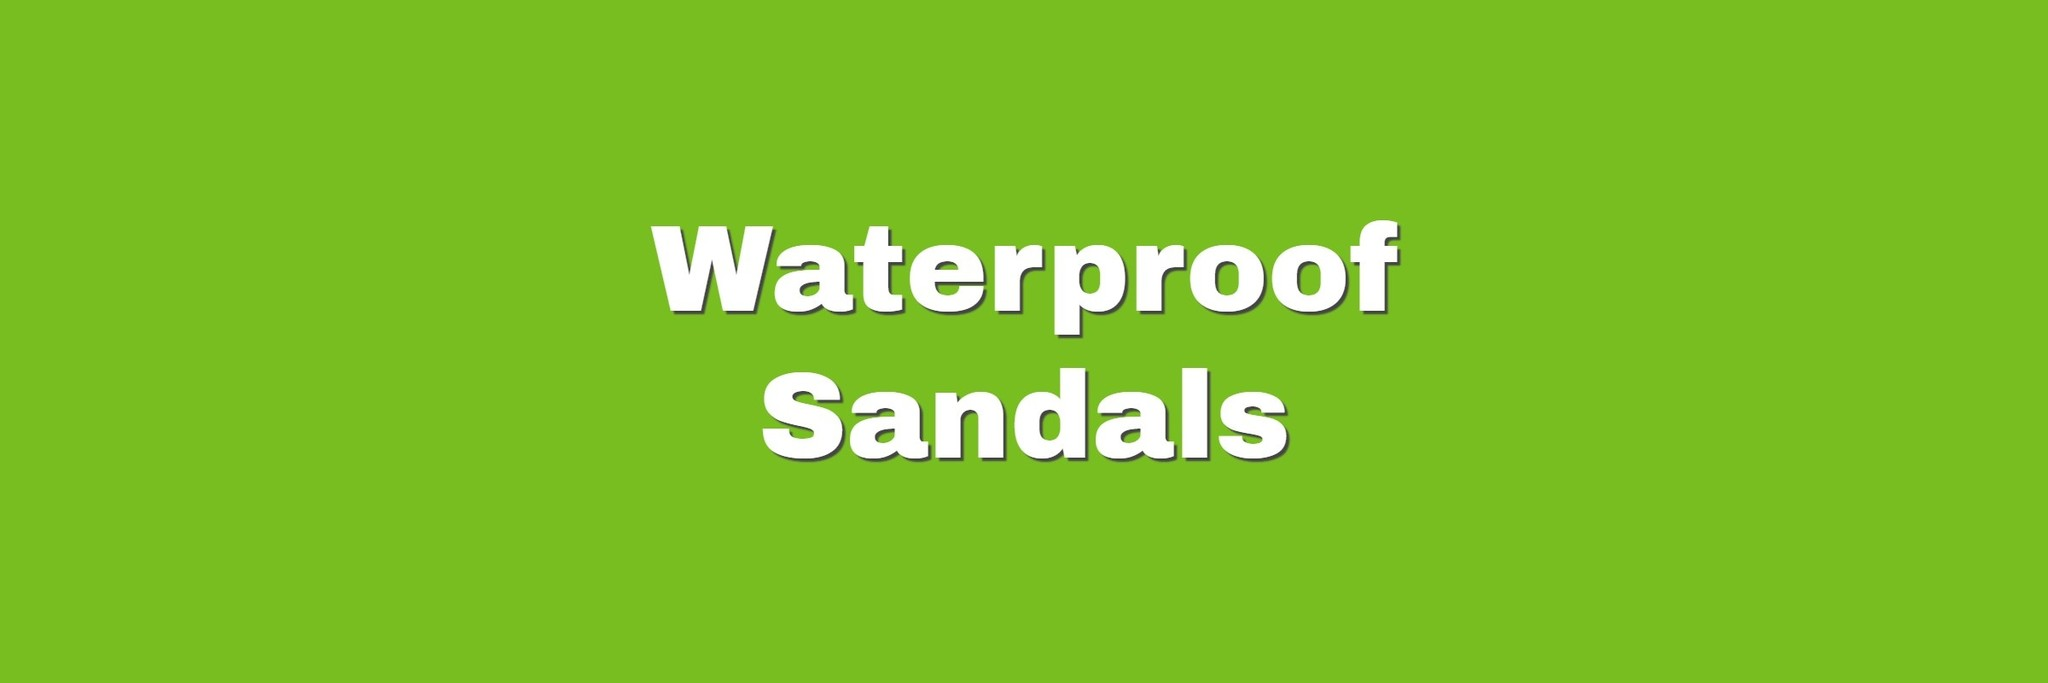 WATERPROOF SANDALS